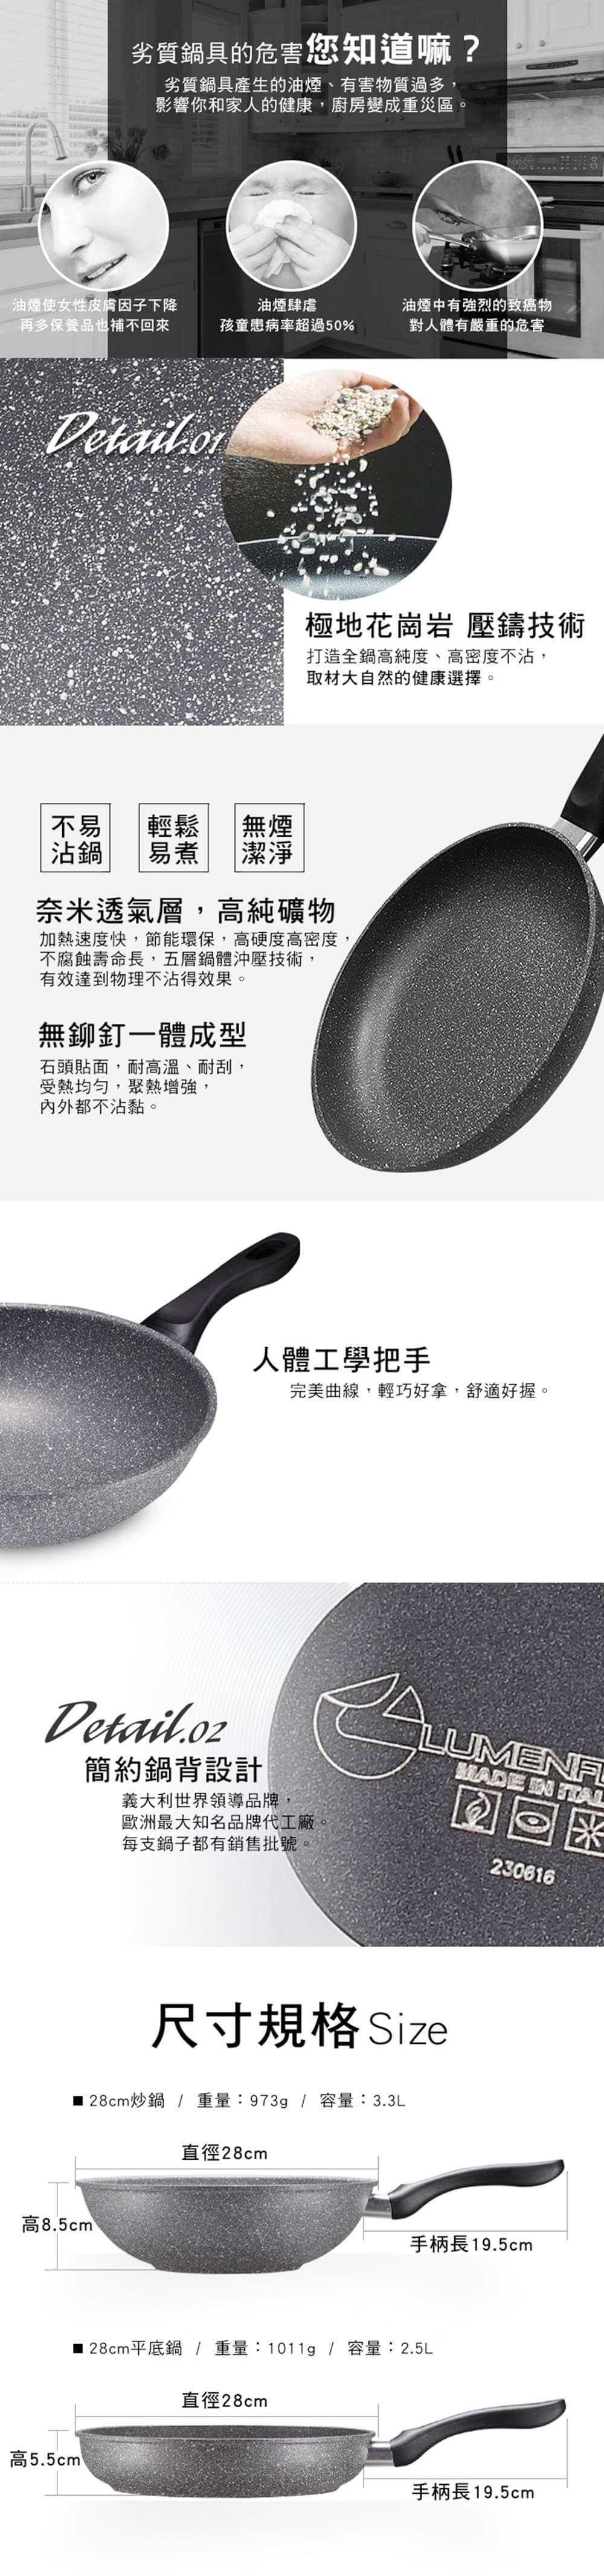 蔥媽媽 義大利炒鍋產品細節